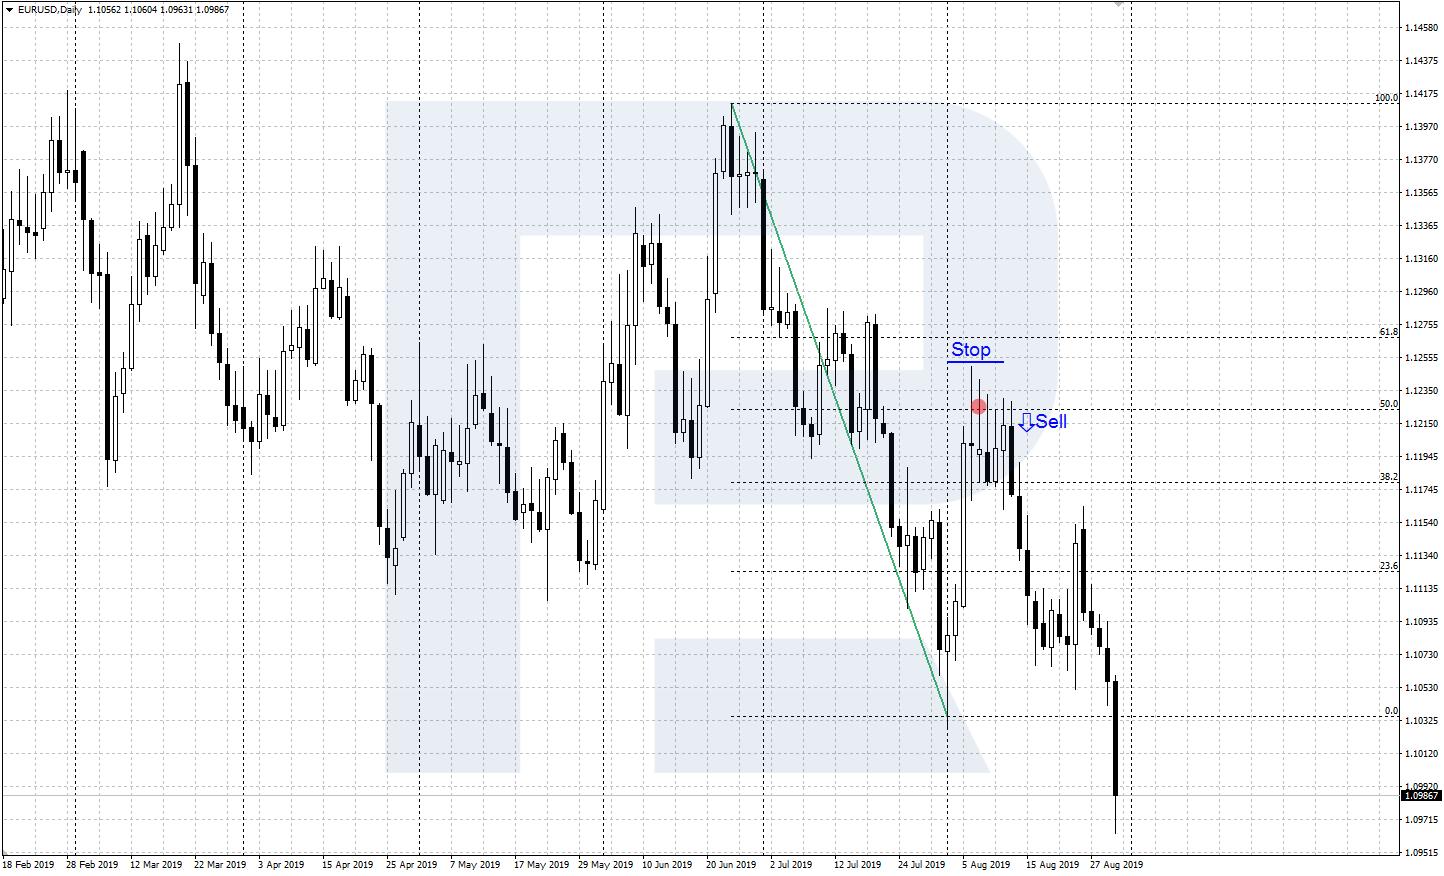 Kā izmantot Fibonači ventilatora indikatoru Olymp Trade tirdzniecībā